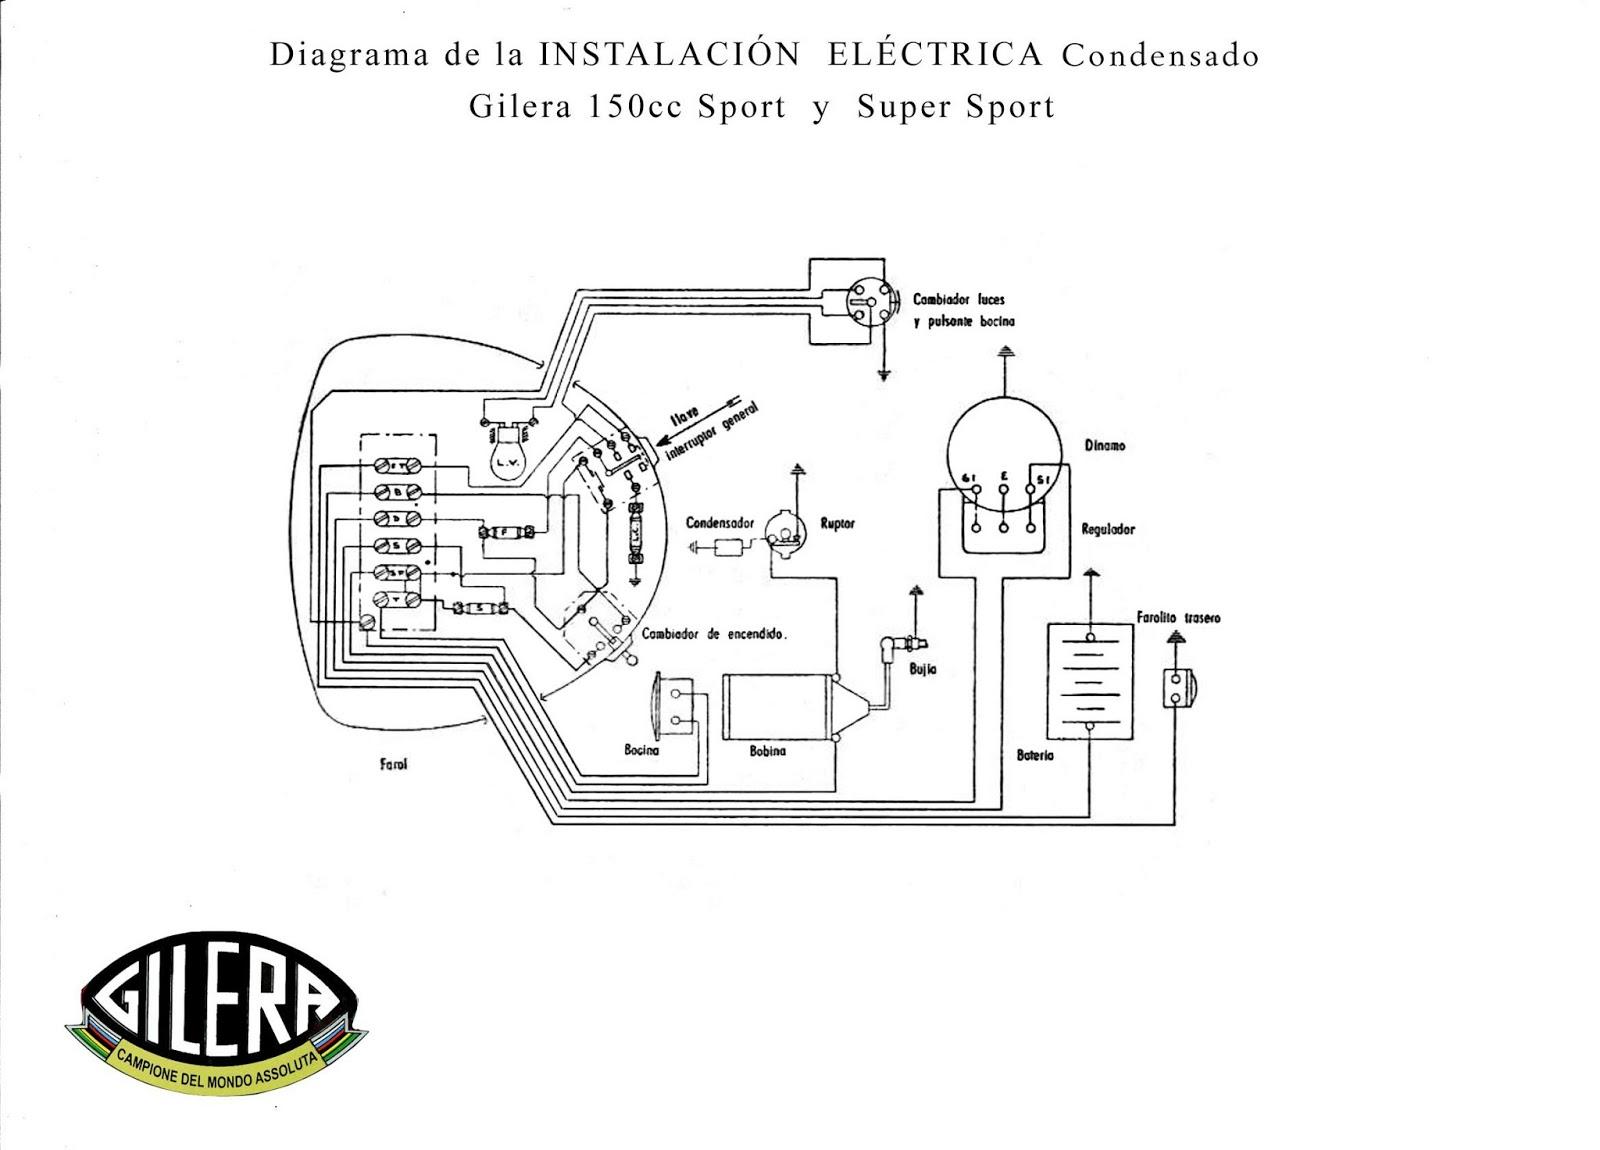 Restauración de Mi Gilera 150 SS 1960: Documentos Importantes